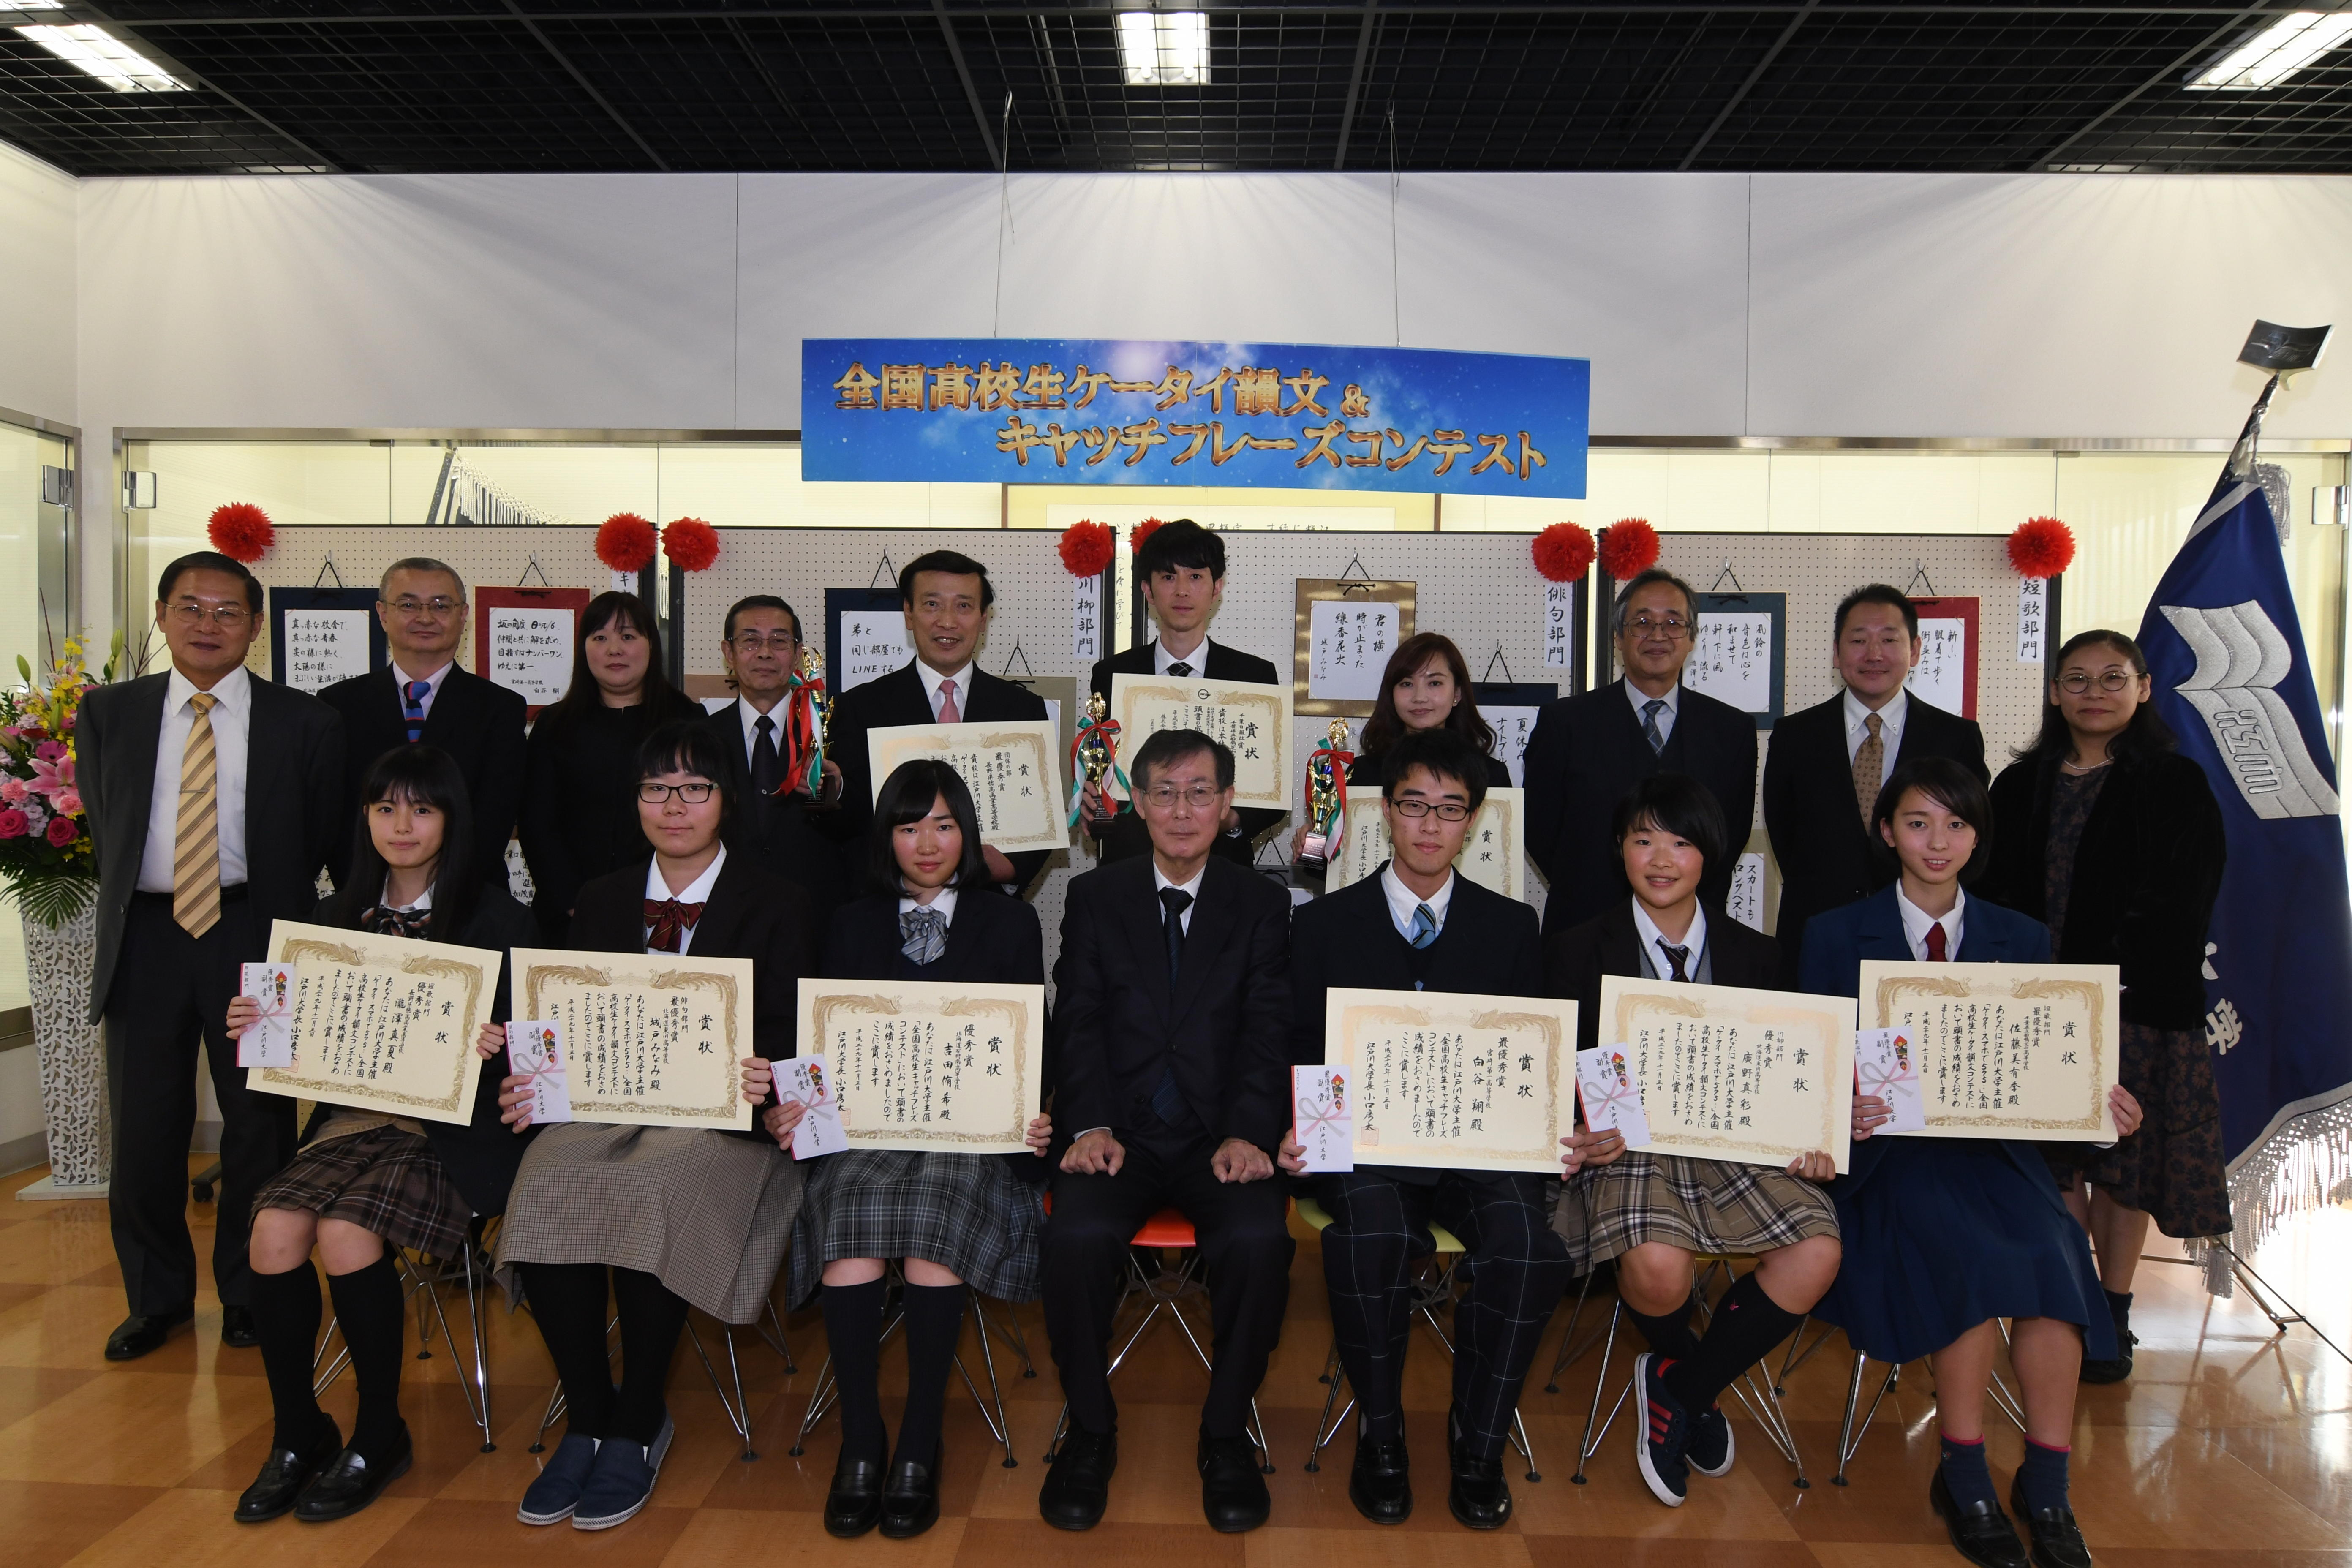 江戸川大学がスマホやPCから応募する「全国高校生キャッチフレーズコンテスト」を開催 --「デジタルネイティブ」の現代高校生が自分の学校をPR